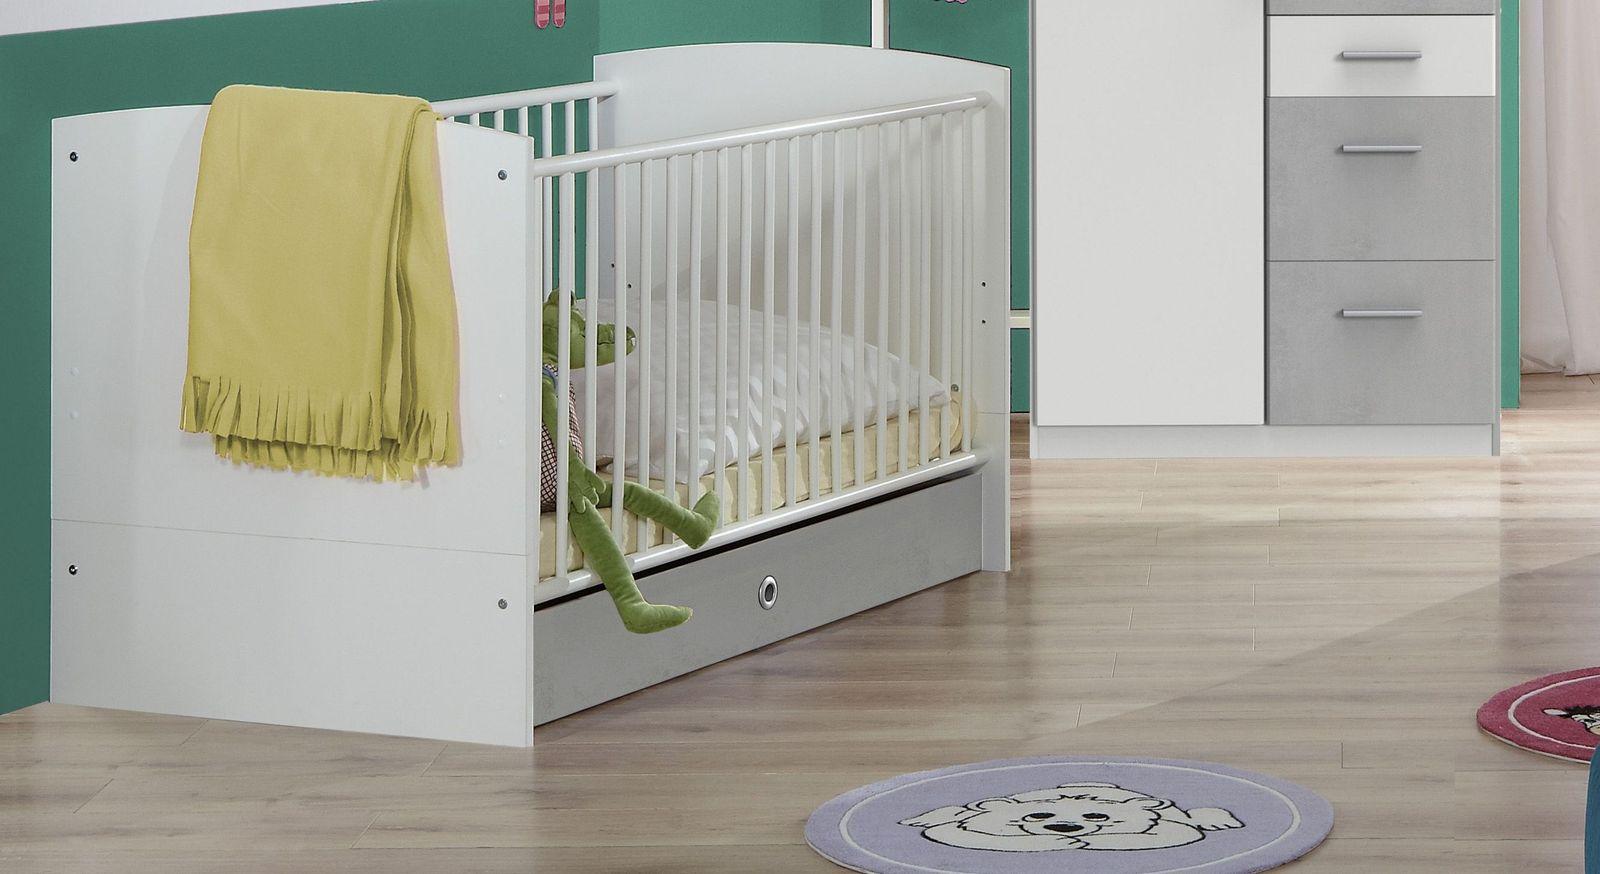 Babybett Porvenir mit robustem Gitter